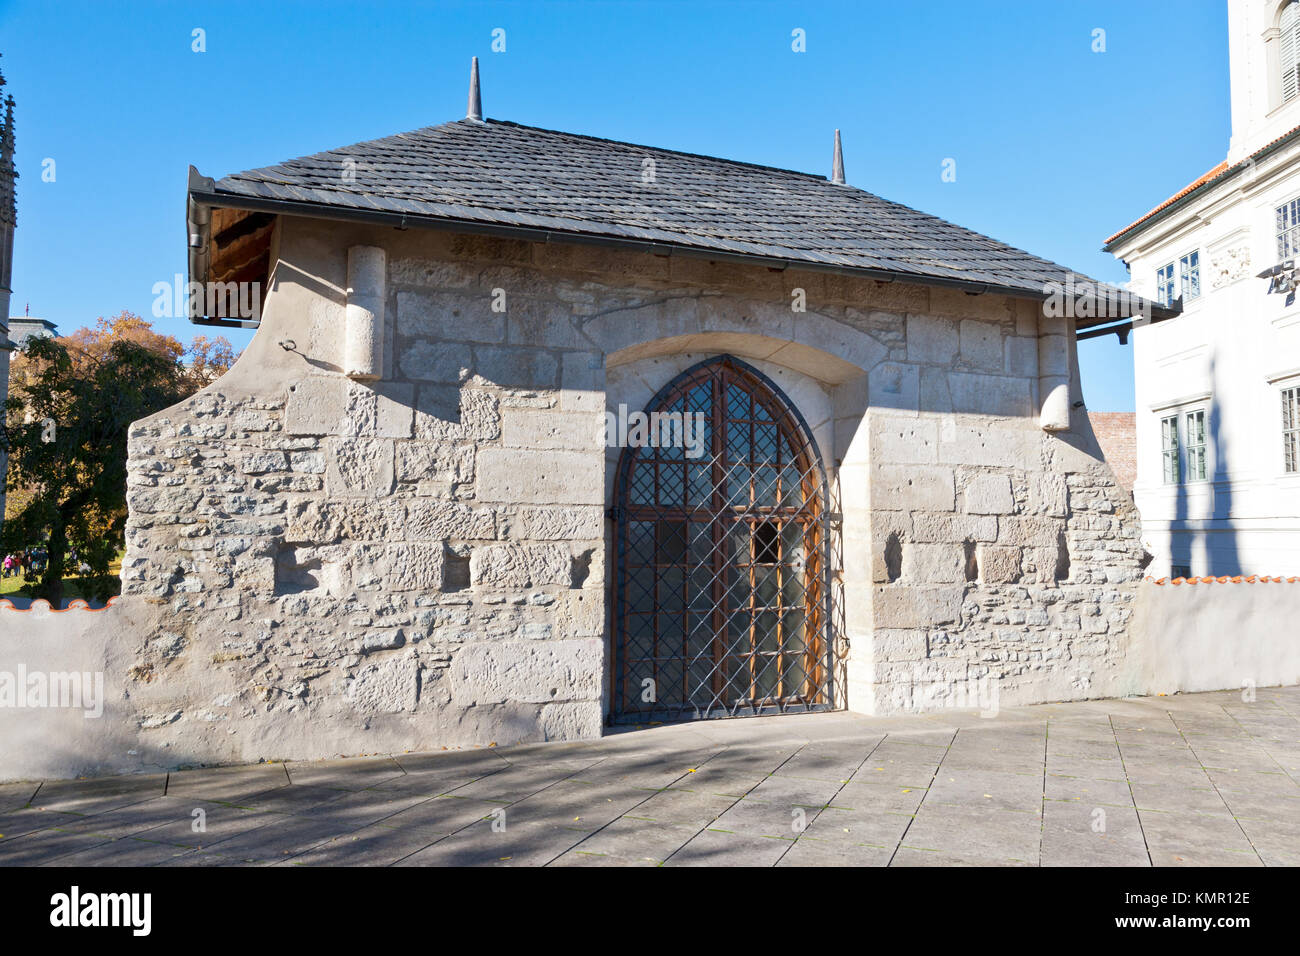 Kaple Božího těla, Kutná Hora (UNESCO), Středočeský kraj, Česká republika / Capilla del Corpus Imagen De Stock